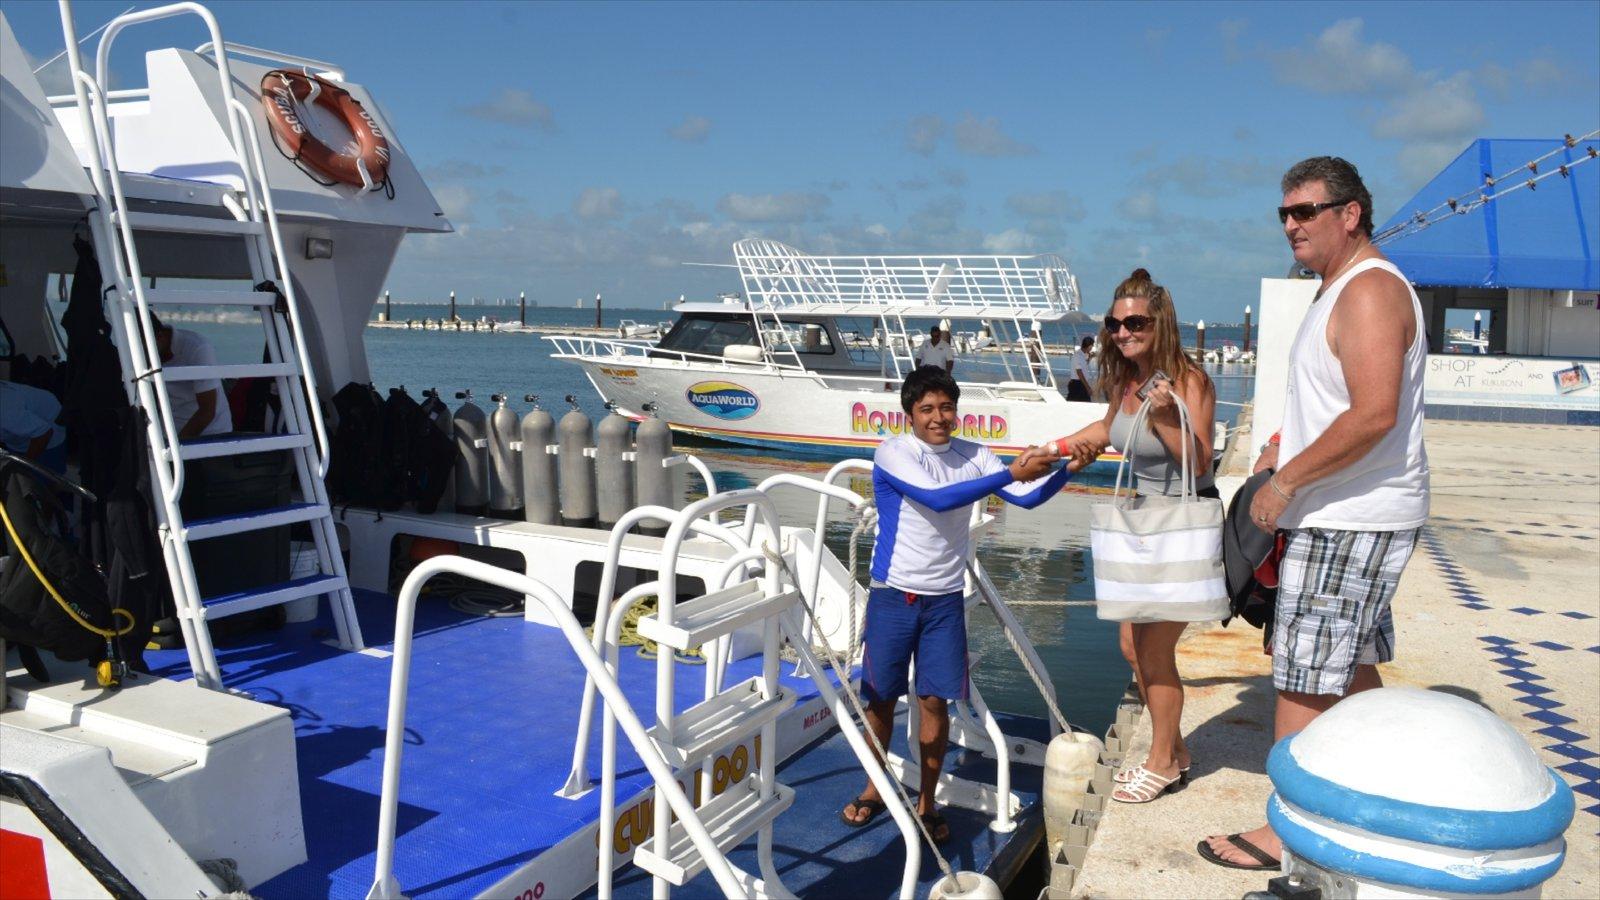 Aquaworld mostrando una marina y paseos en lancha y también una familia